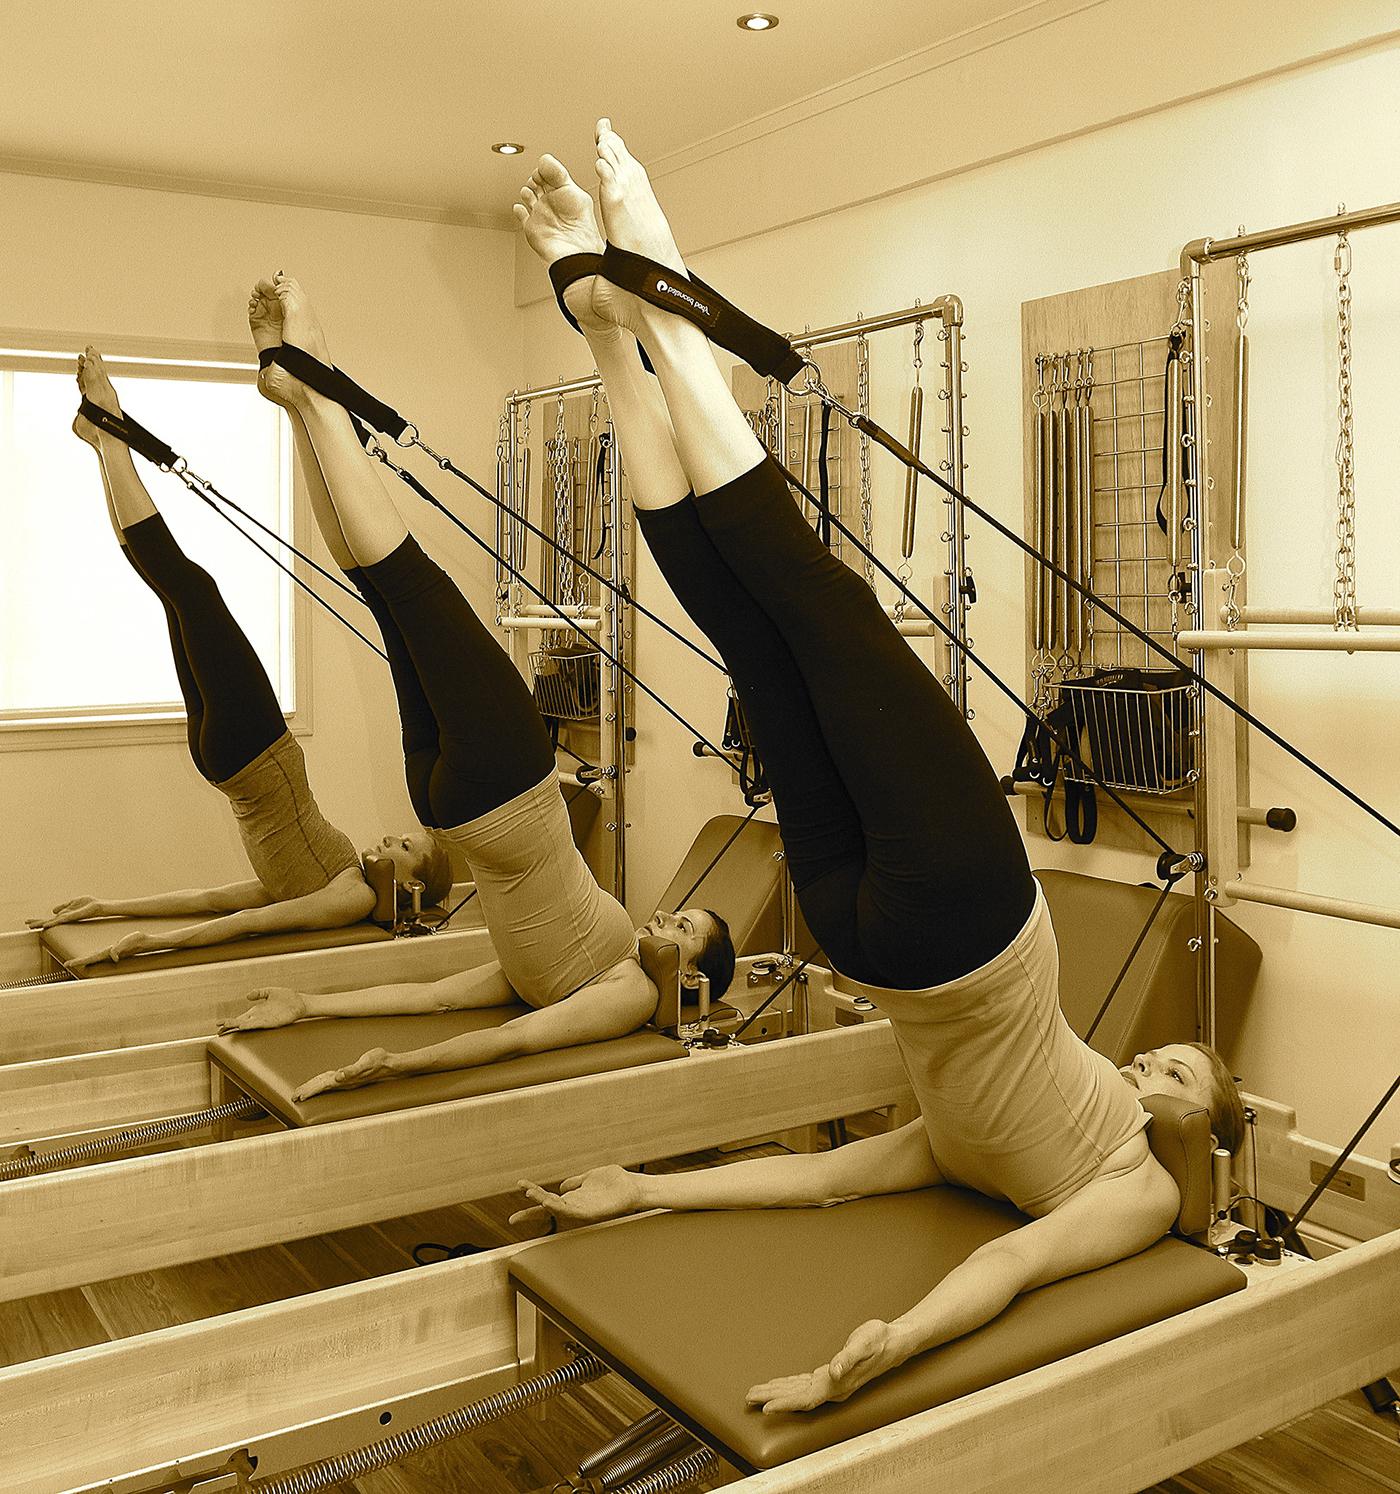 Nova Pilates